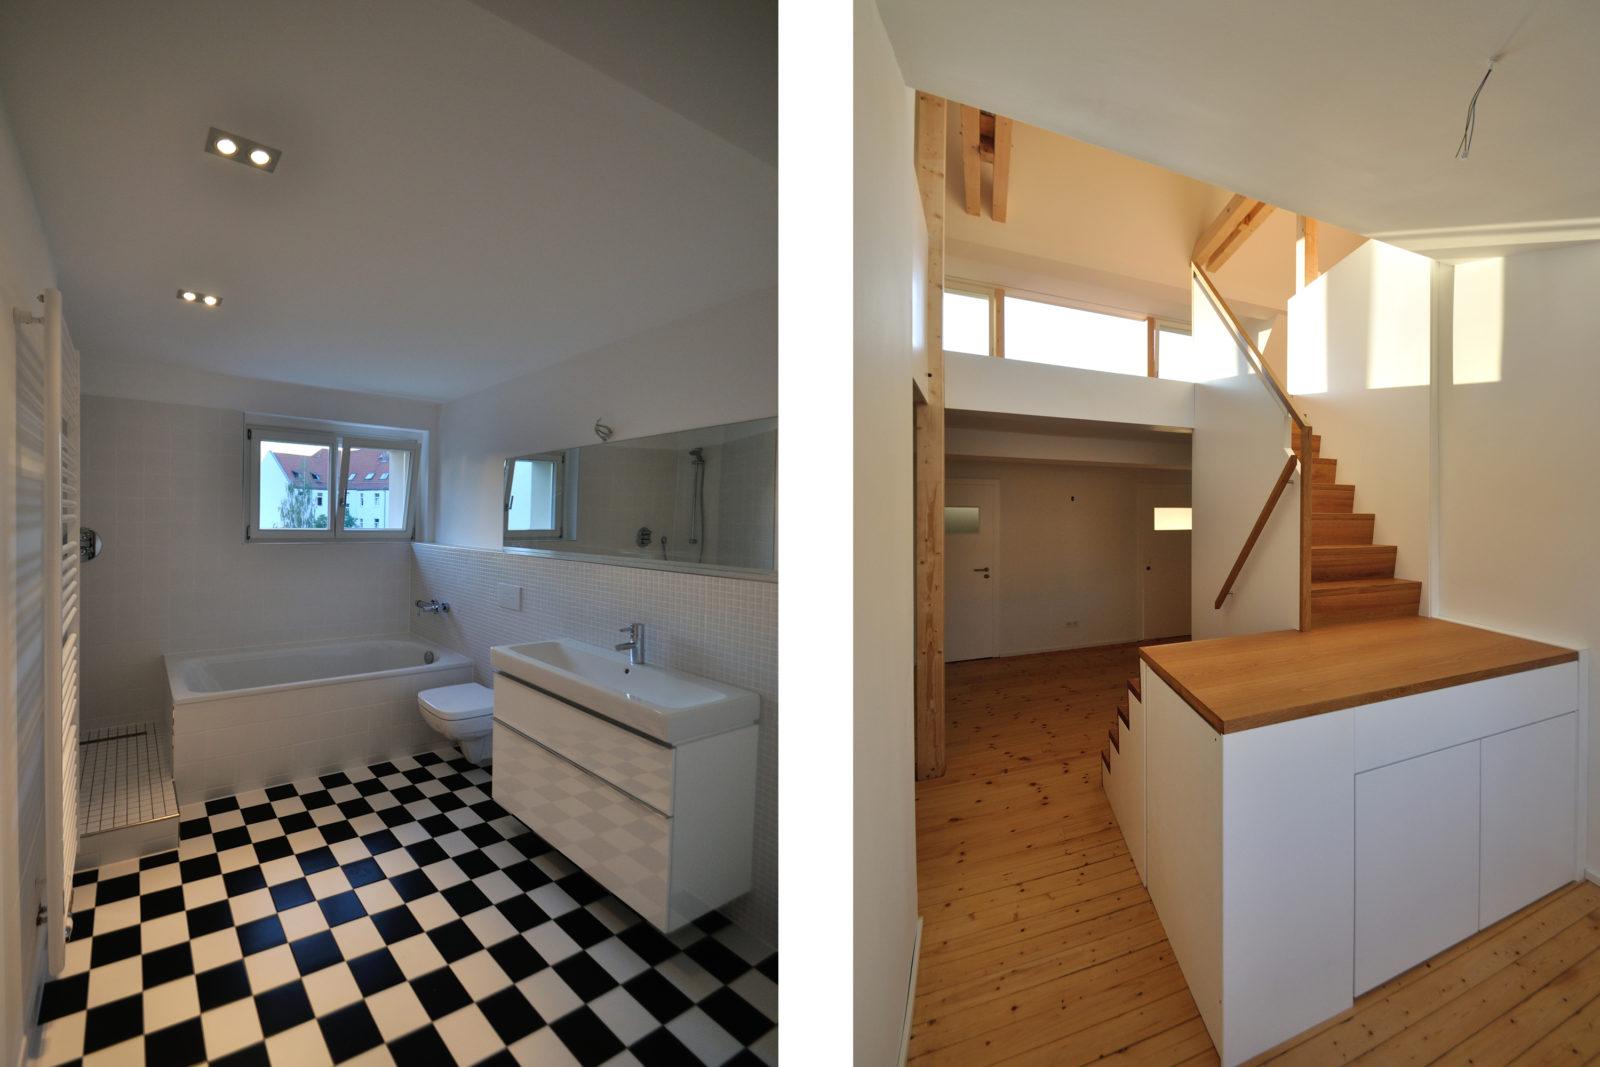 Umbau und Sanierung Mehrfamilienhaus in Leipizg, Plagwitz - Sanitärraum und Innentreppe